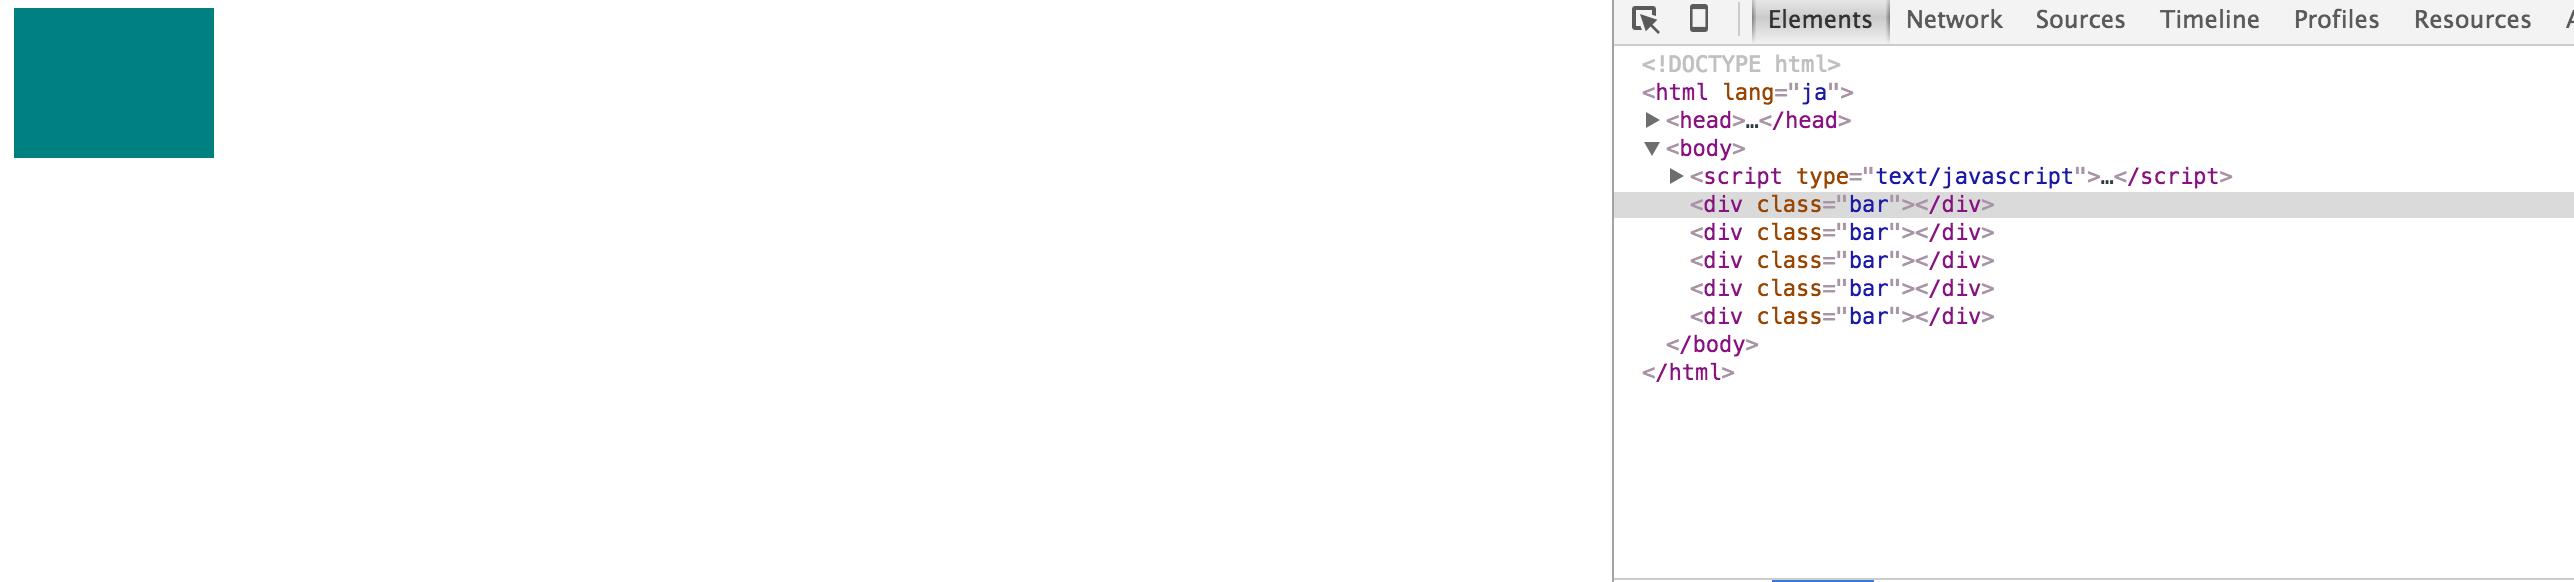 スクリーンショット 2015-11-22 0.42.32.png